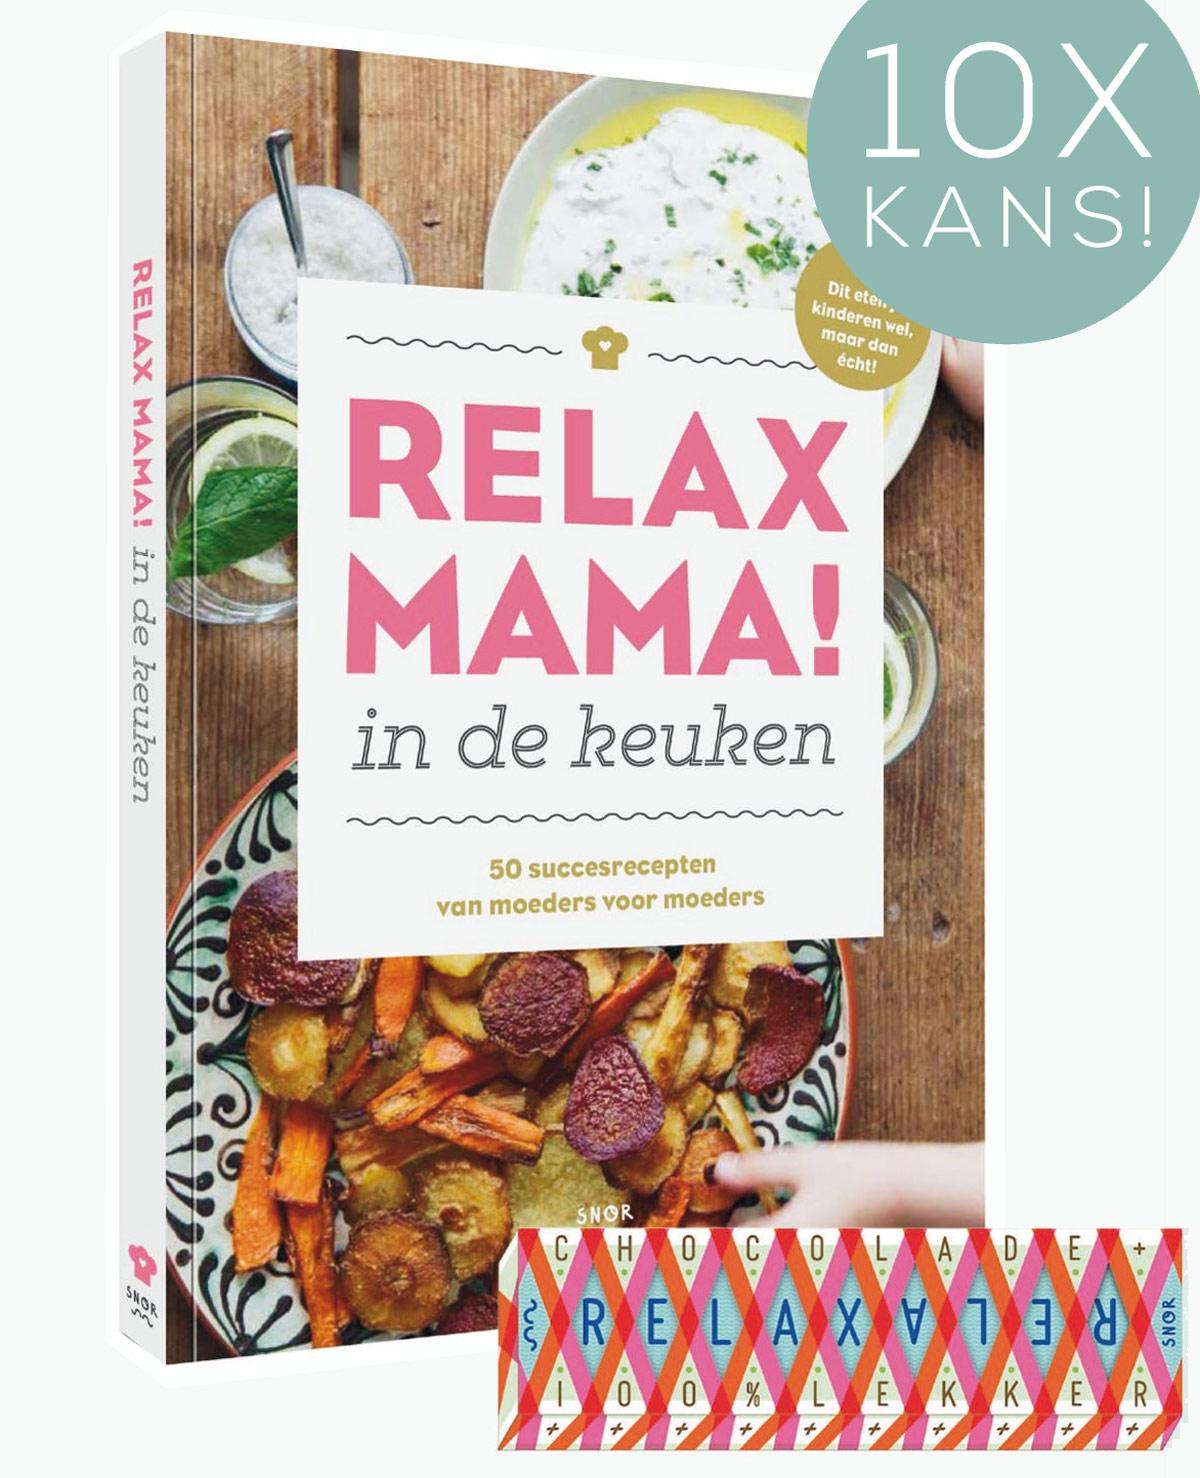 Win het boek 'Relax mama in de keuken' + chocoladereep